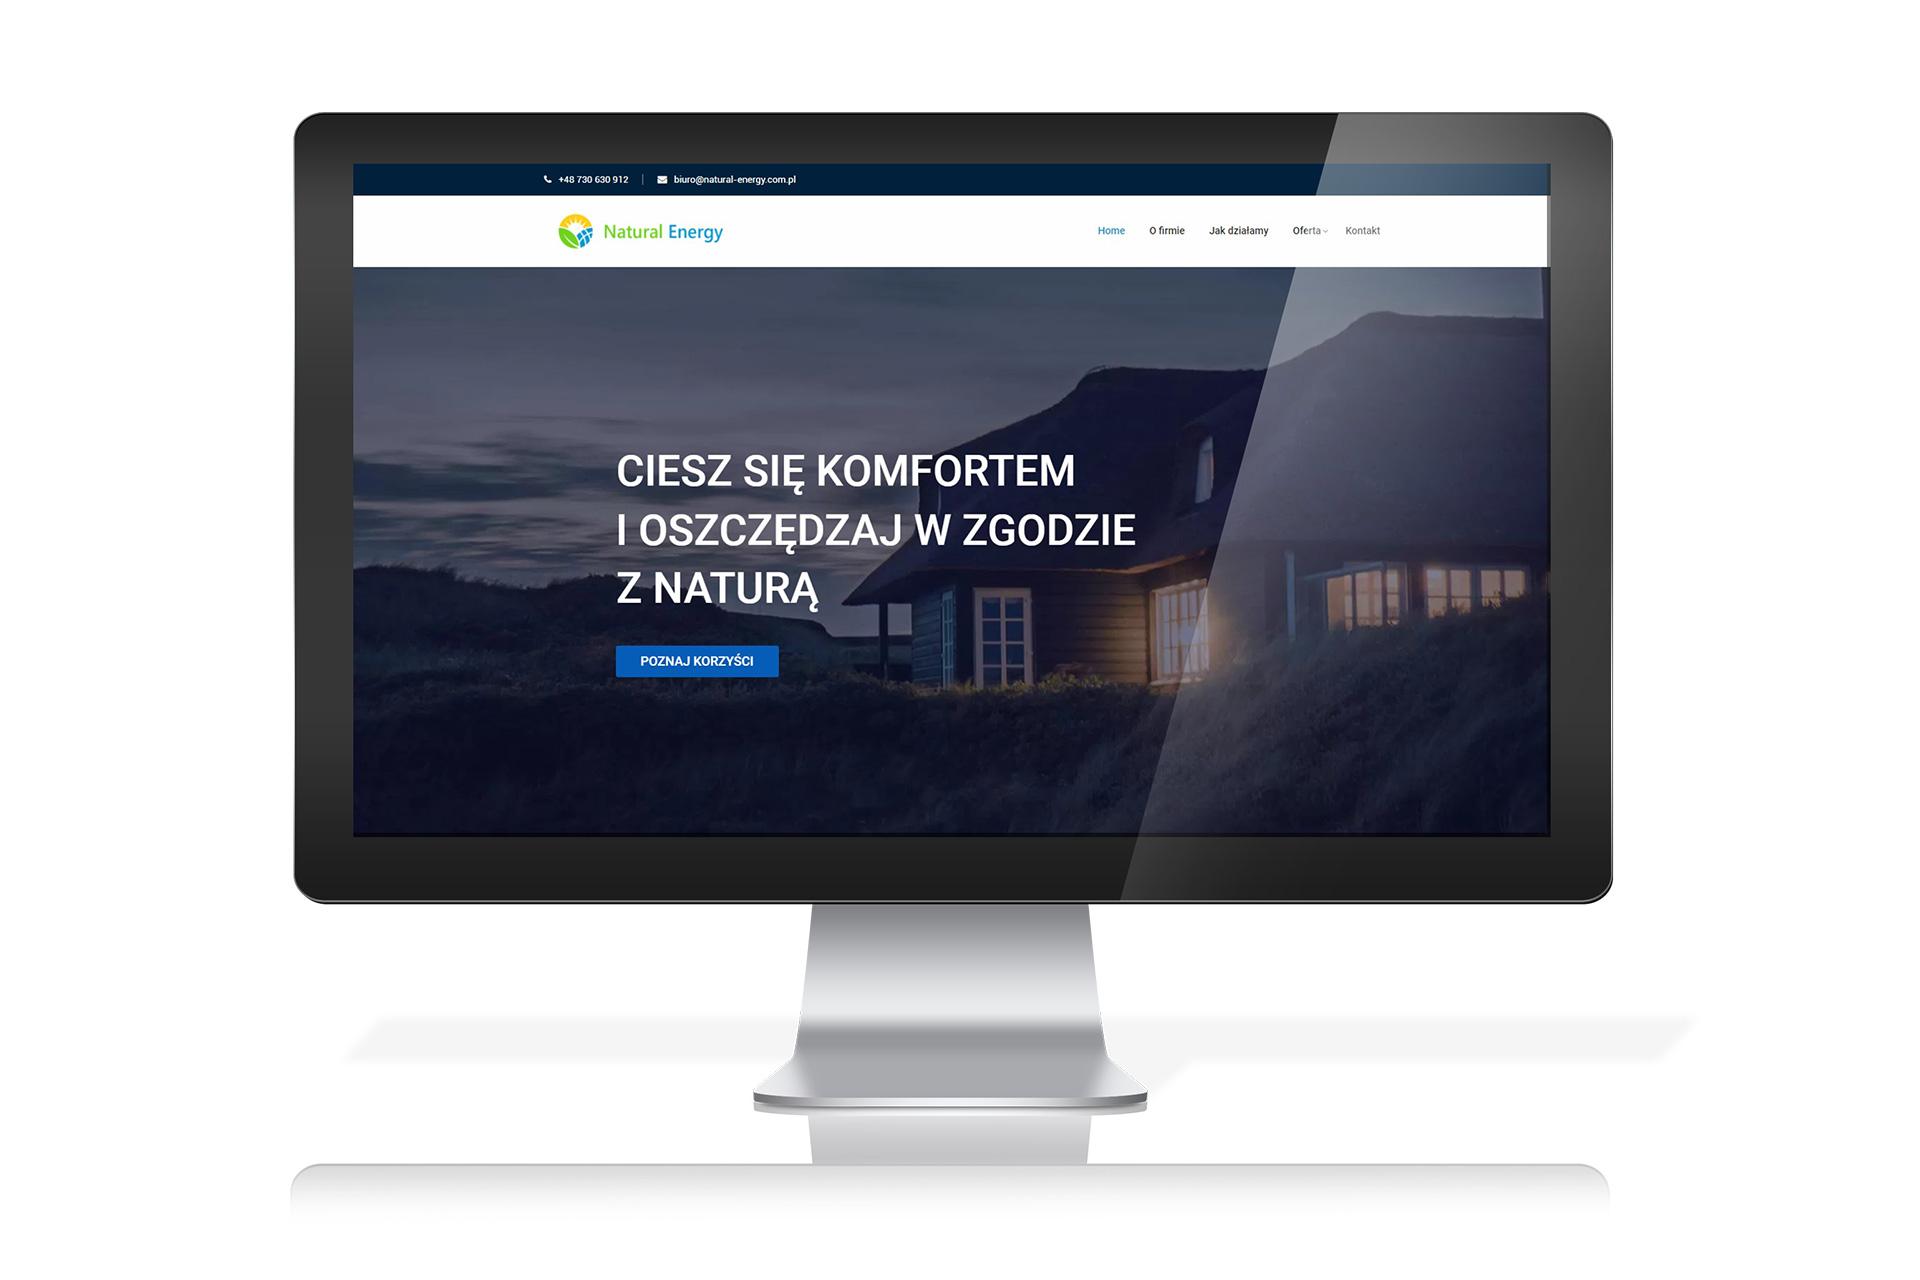 Firma wdrażająca systemy odnawialnych źródeł energii Natural Energy